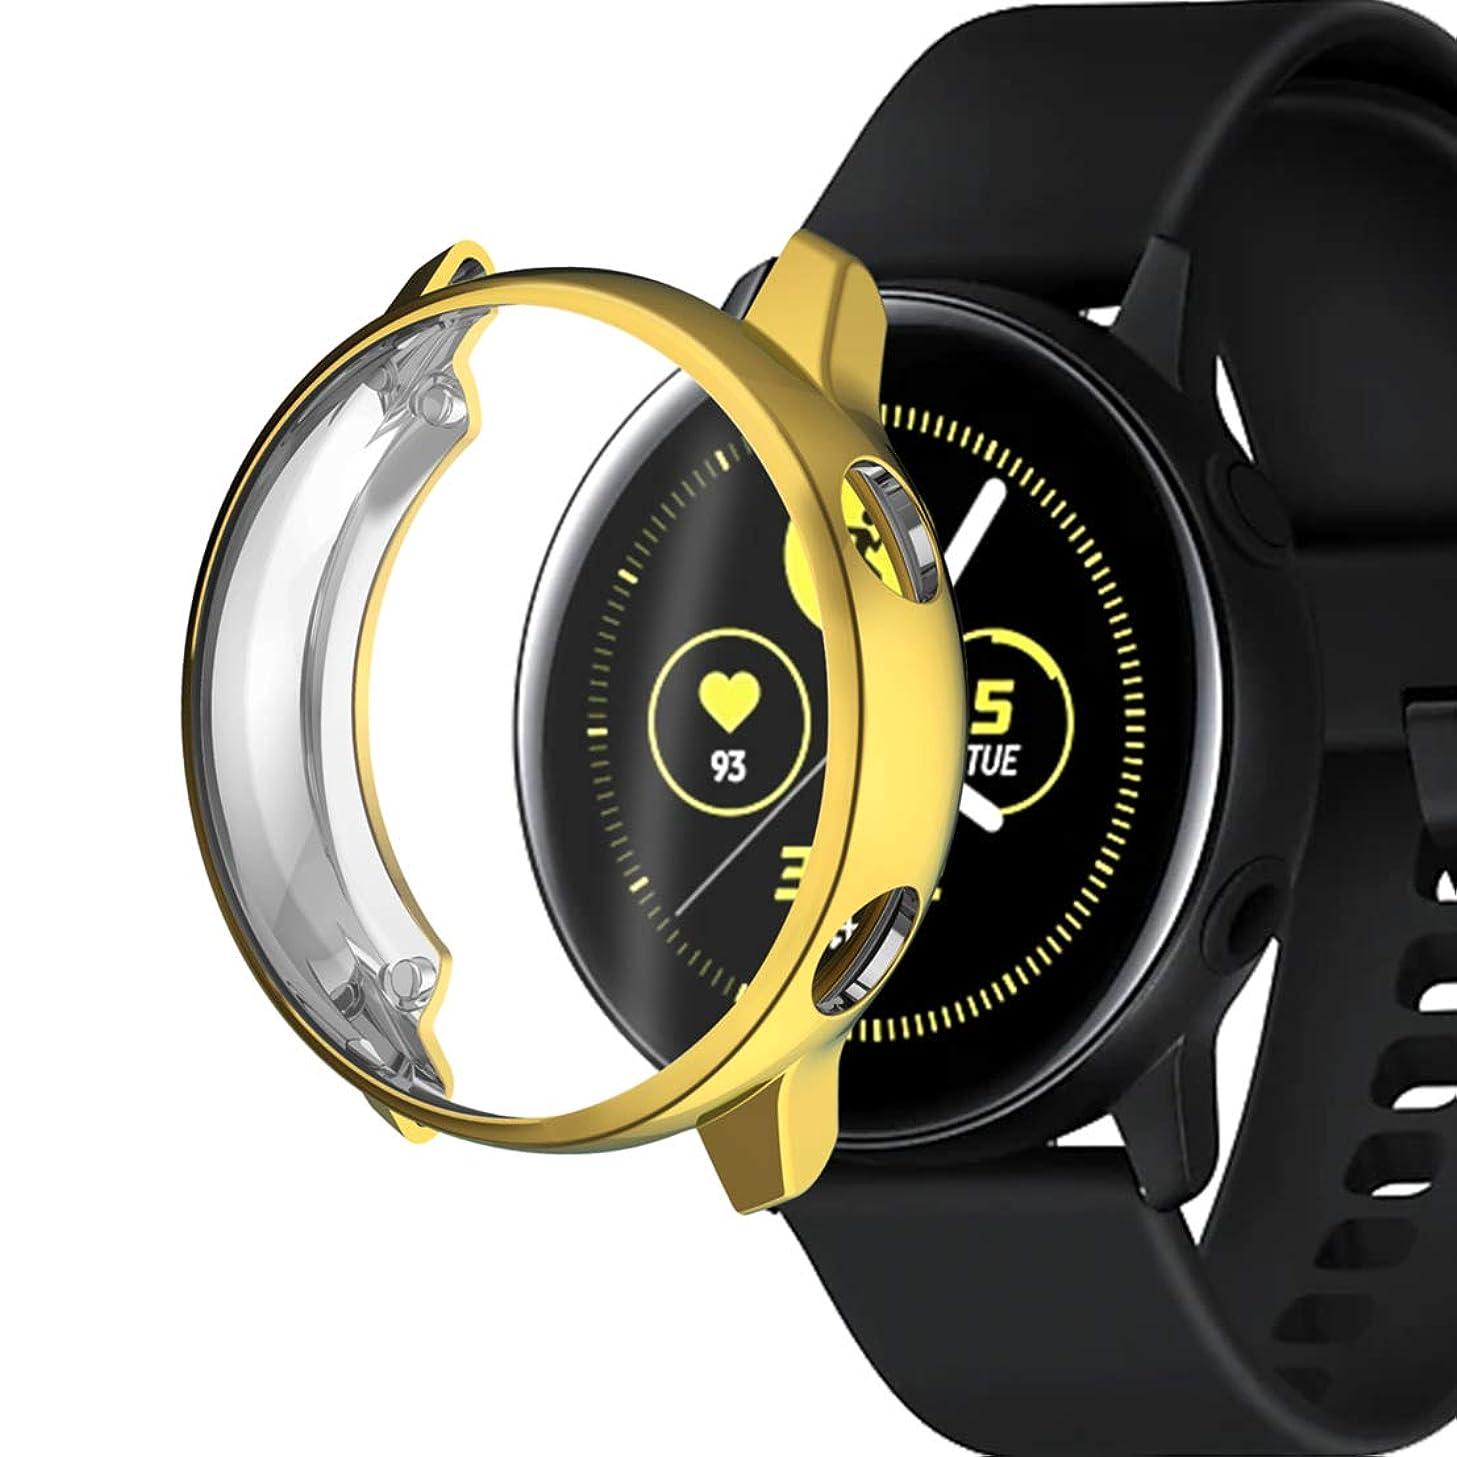 矛盾バン雄大なSamsung Galaxy Watch Activeスポーツウォッチ用 TPU メッキ 保護ケース カバー (ローズゴールド)